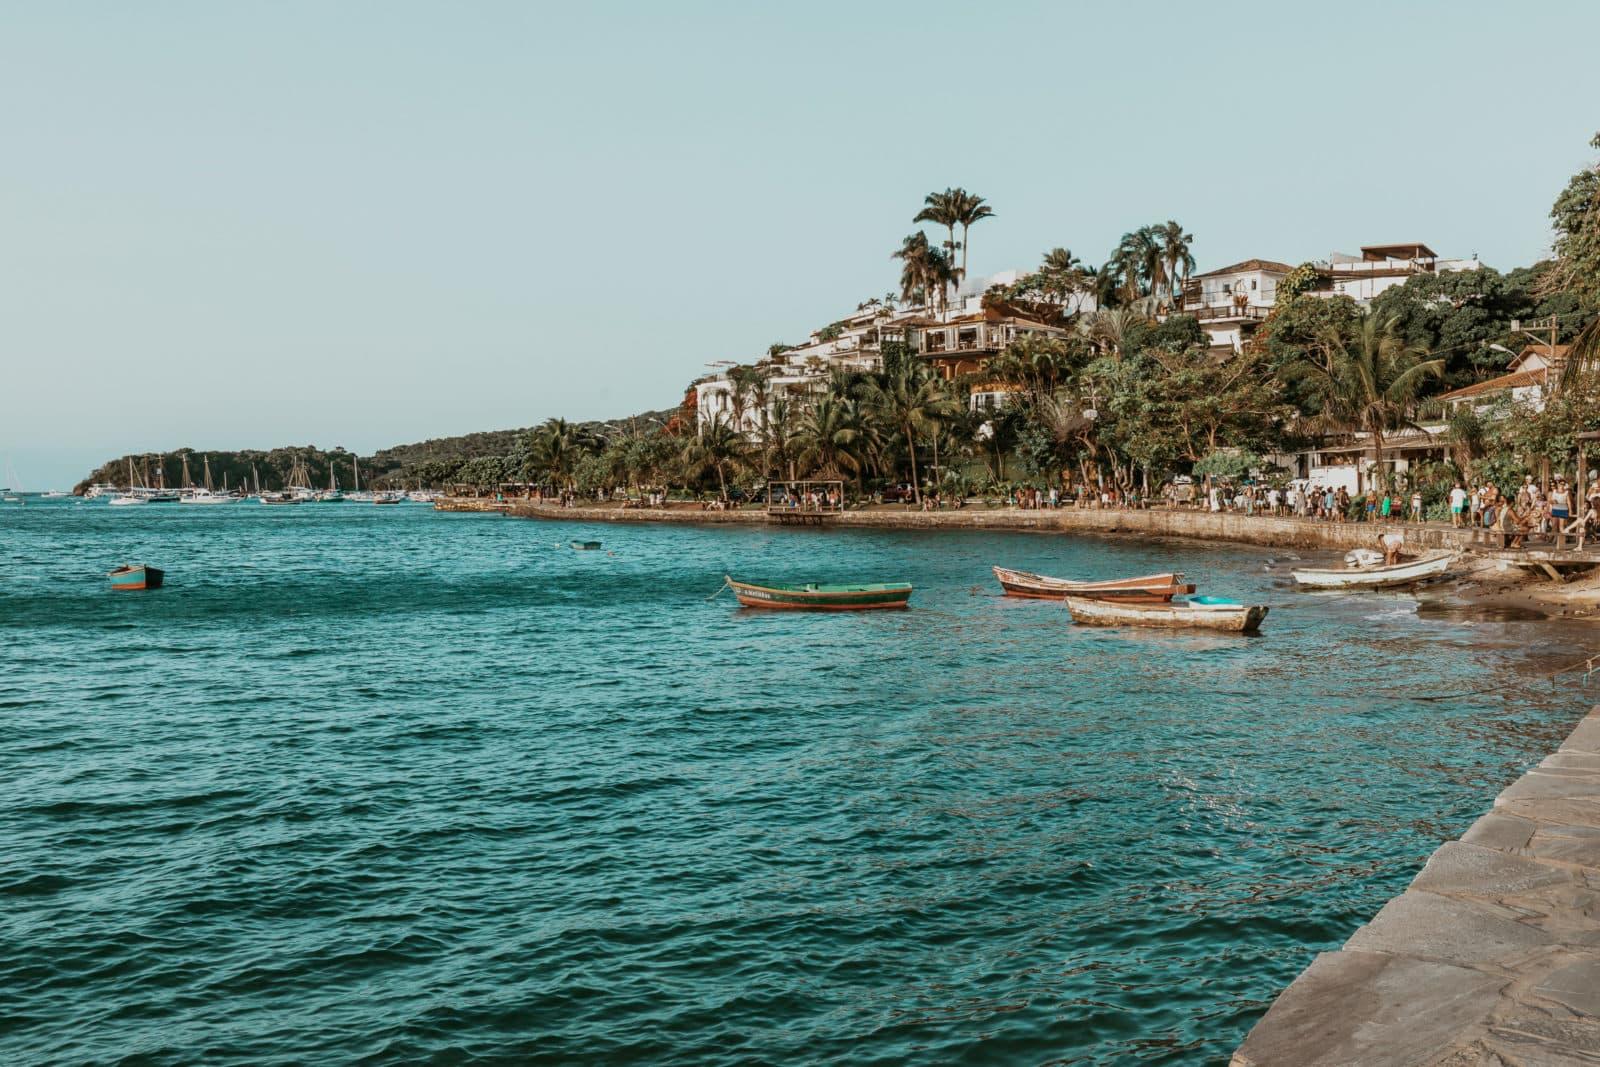 Búzios und seine Strände: Vom Fischerdorf zum Hotspot bei Rio de Janeiro 6